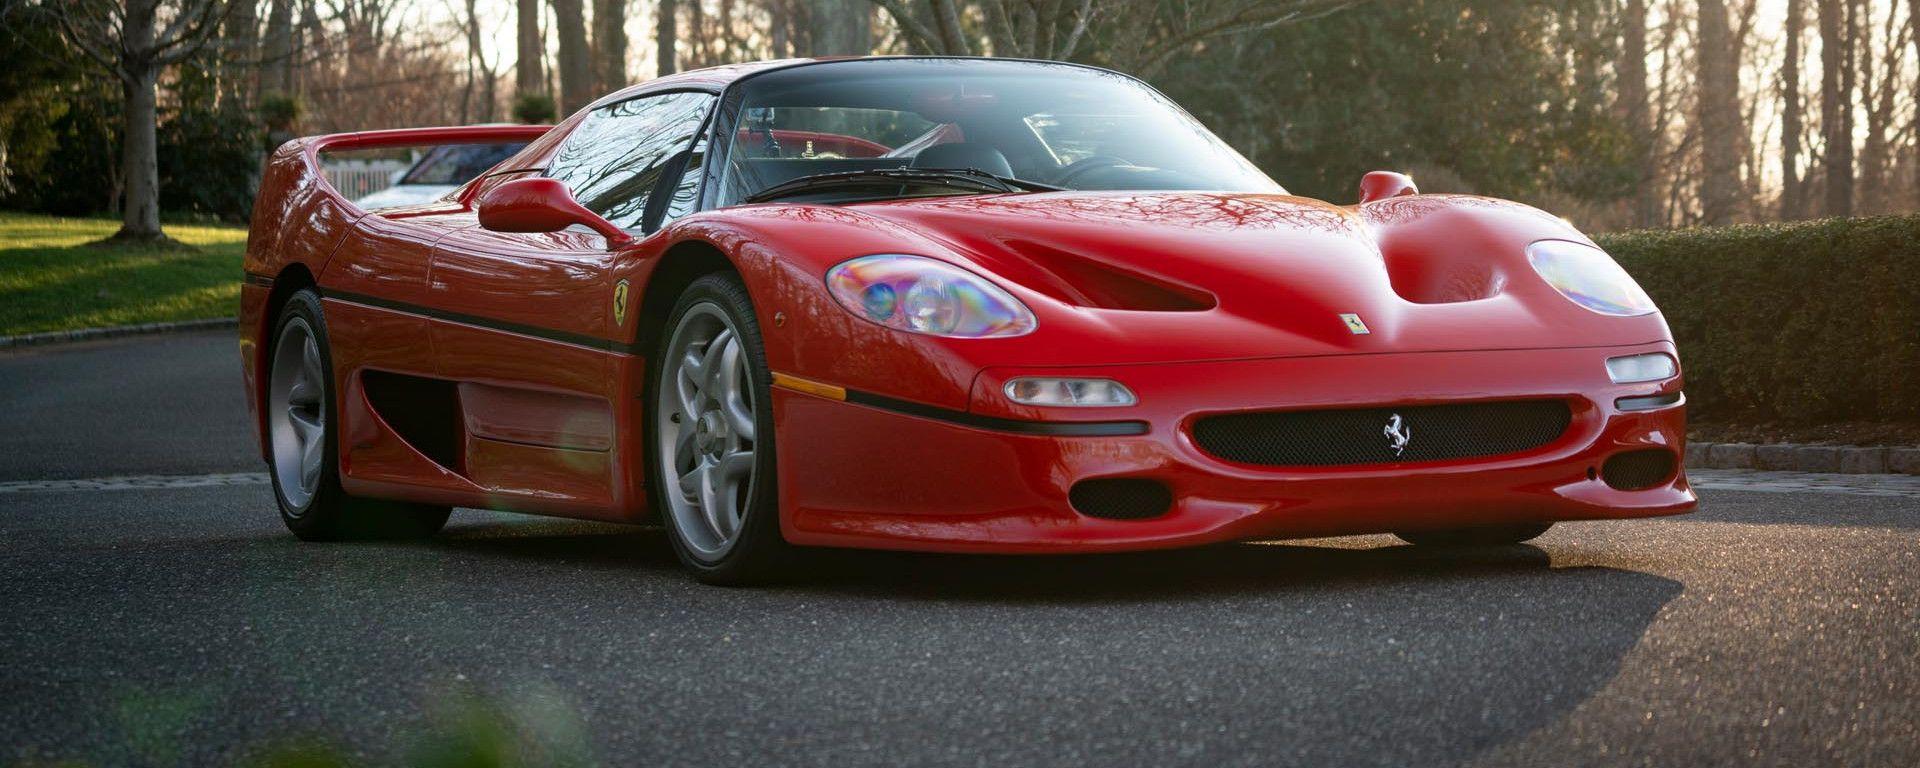 Ferrari F50 Berlinetta Prototipo: visuale di 3/4 anteriore